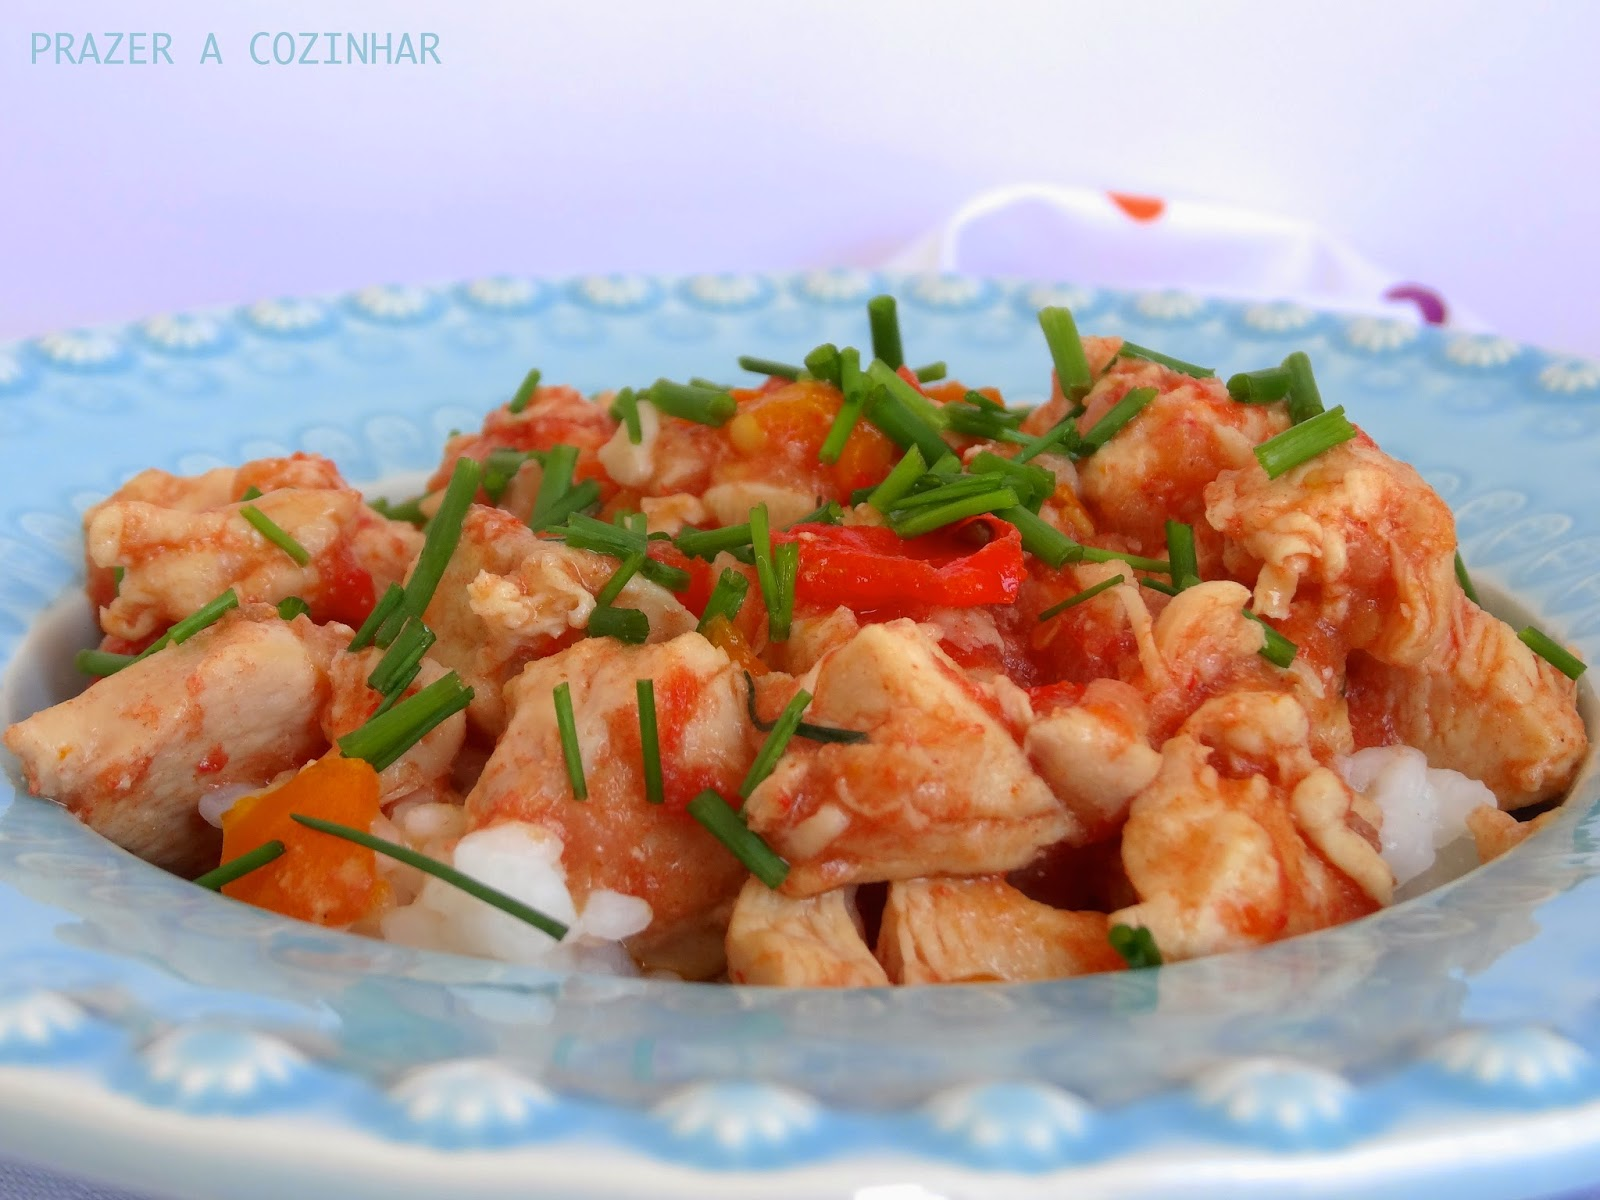 Peitinhos de frango com pimento e cebolinho